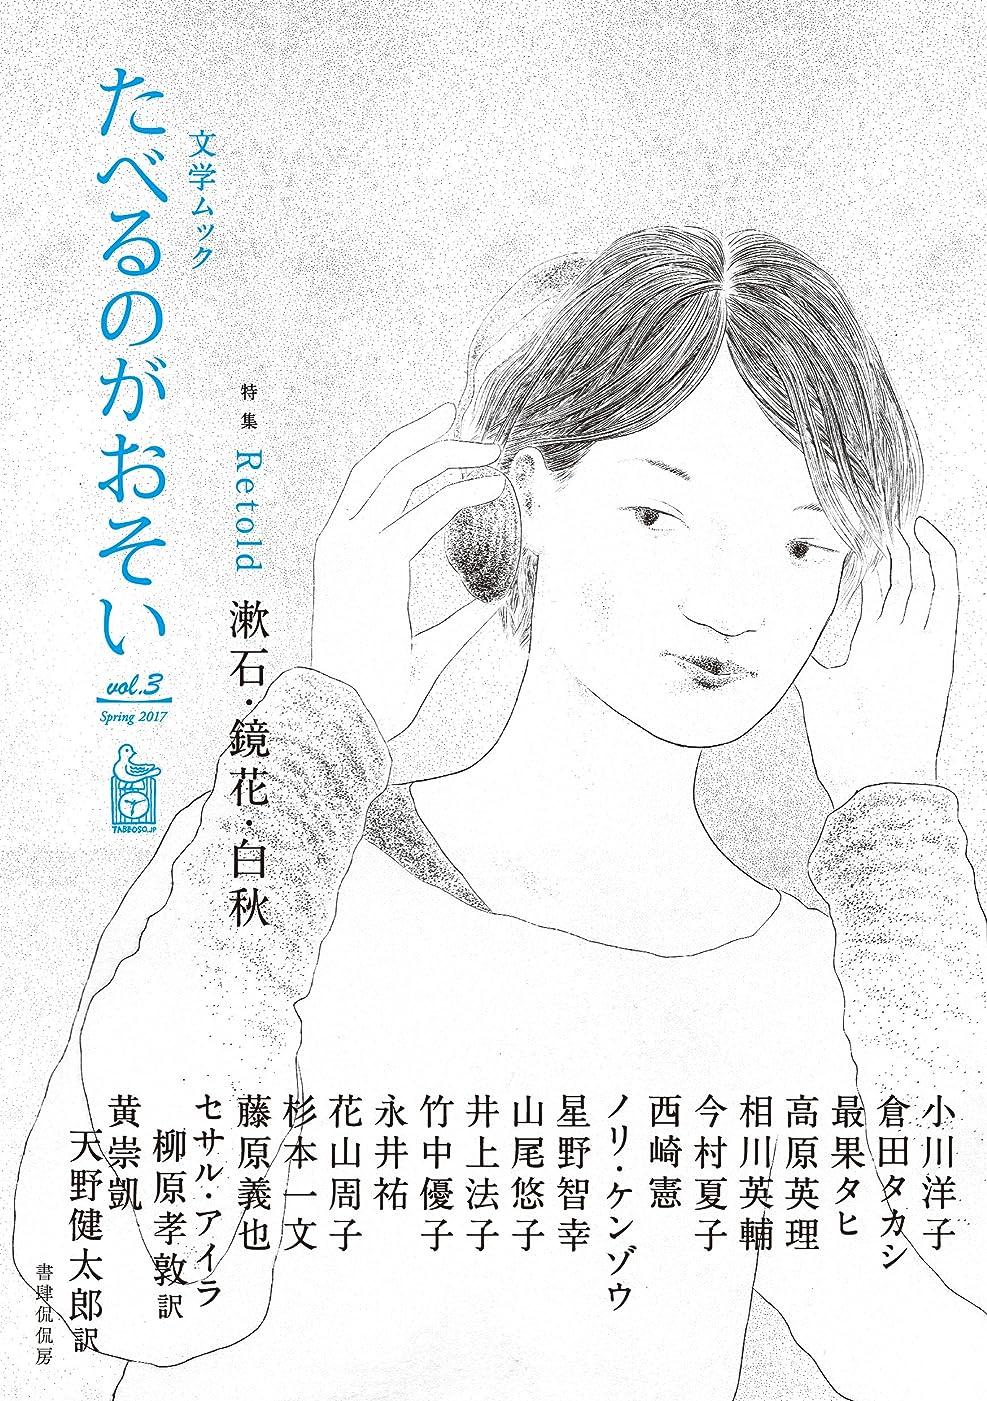 ポテト昆虫集める文学ムック たべるのがおそい vol.3